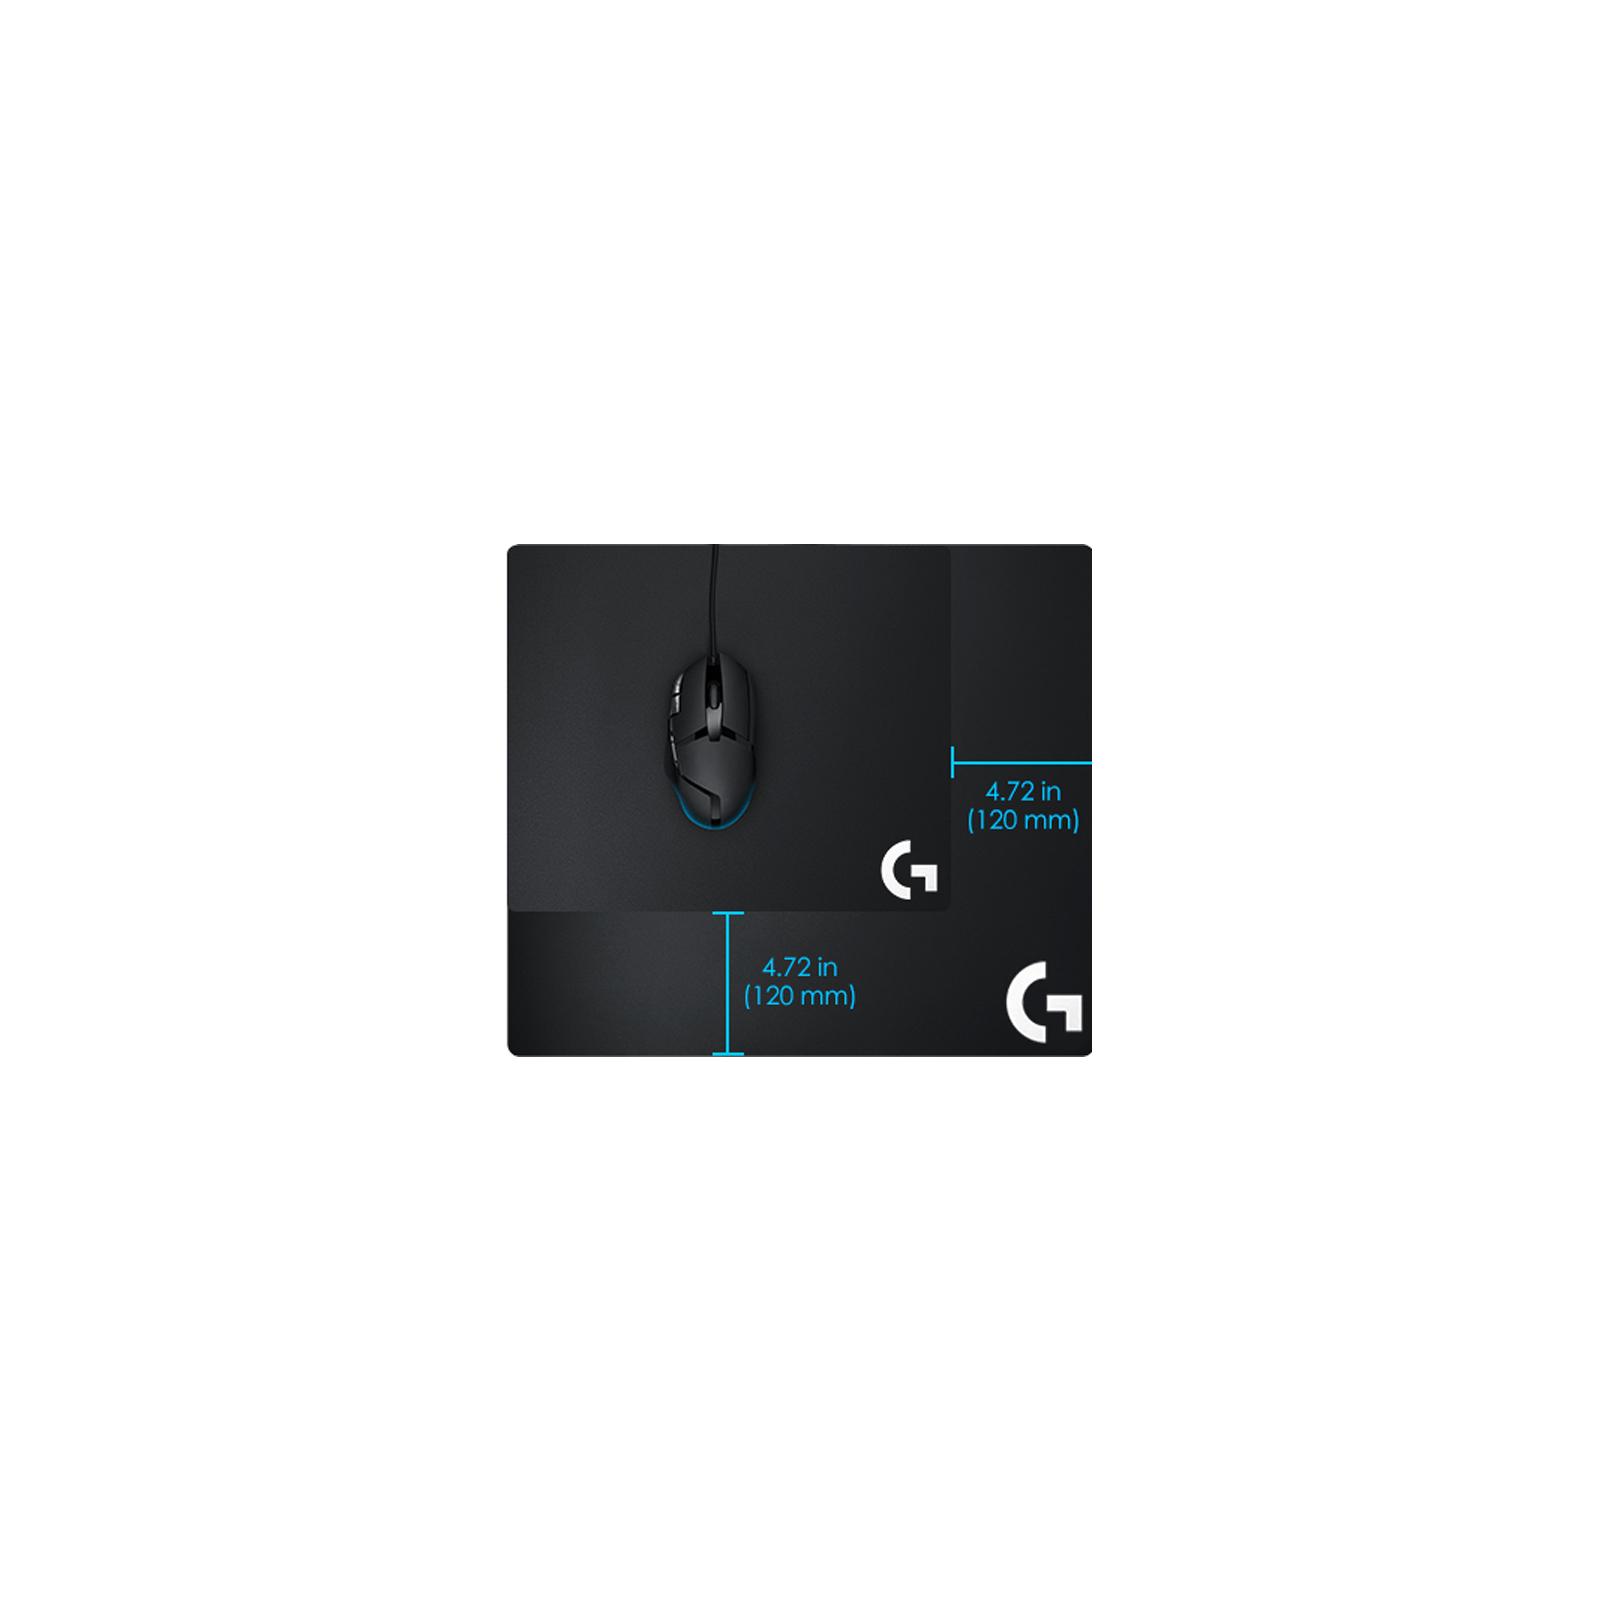 Коврик Logitech G640 Cloth Gaming Mouse Pad (943-000089) изображение 3